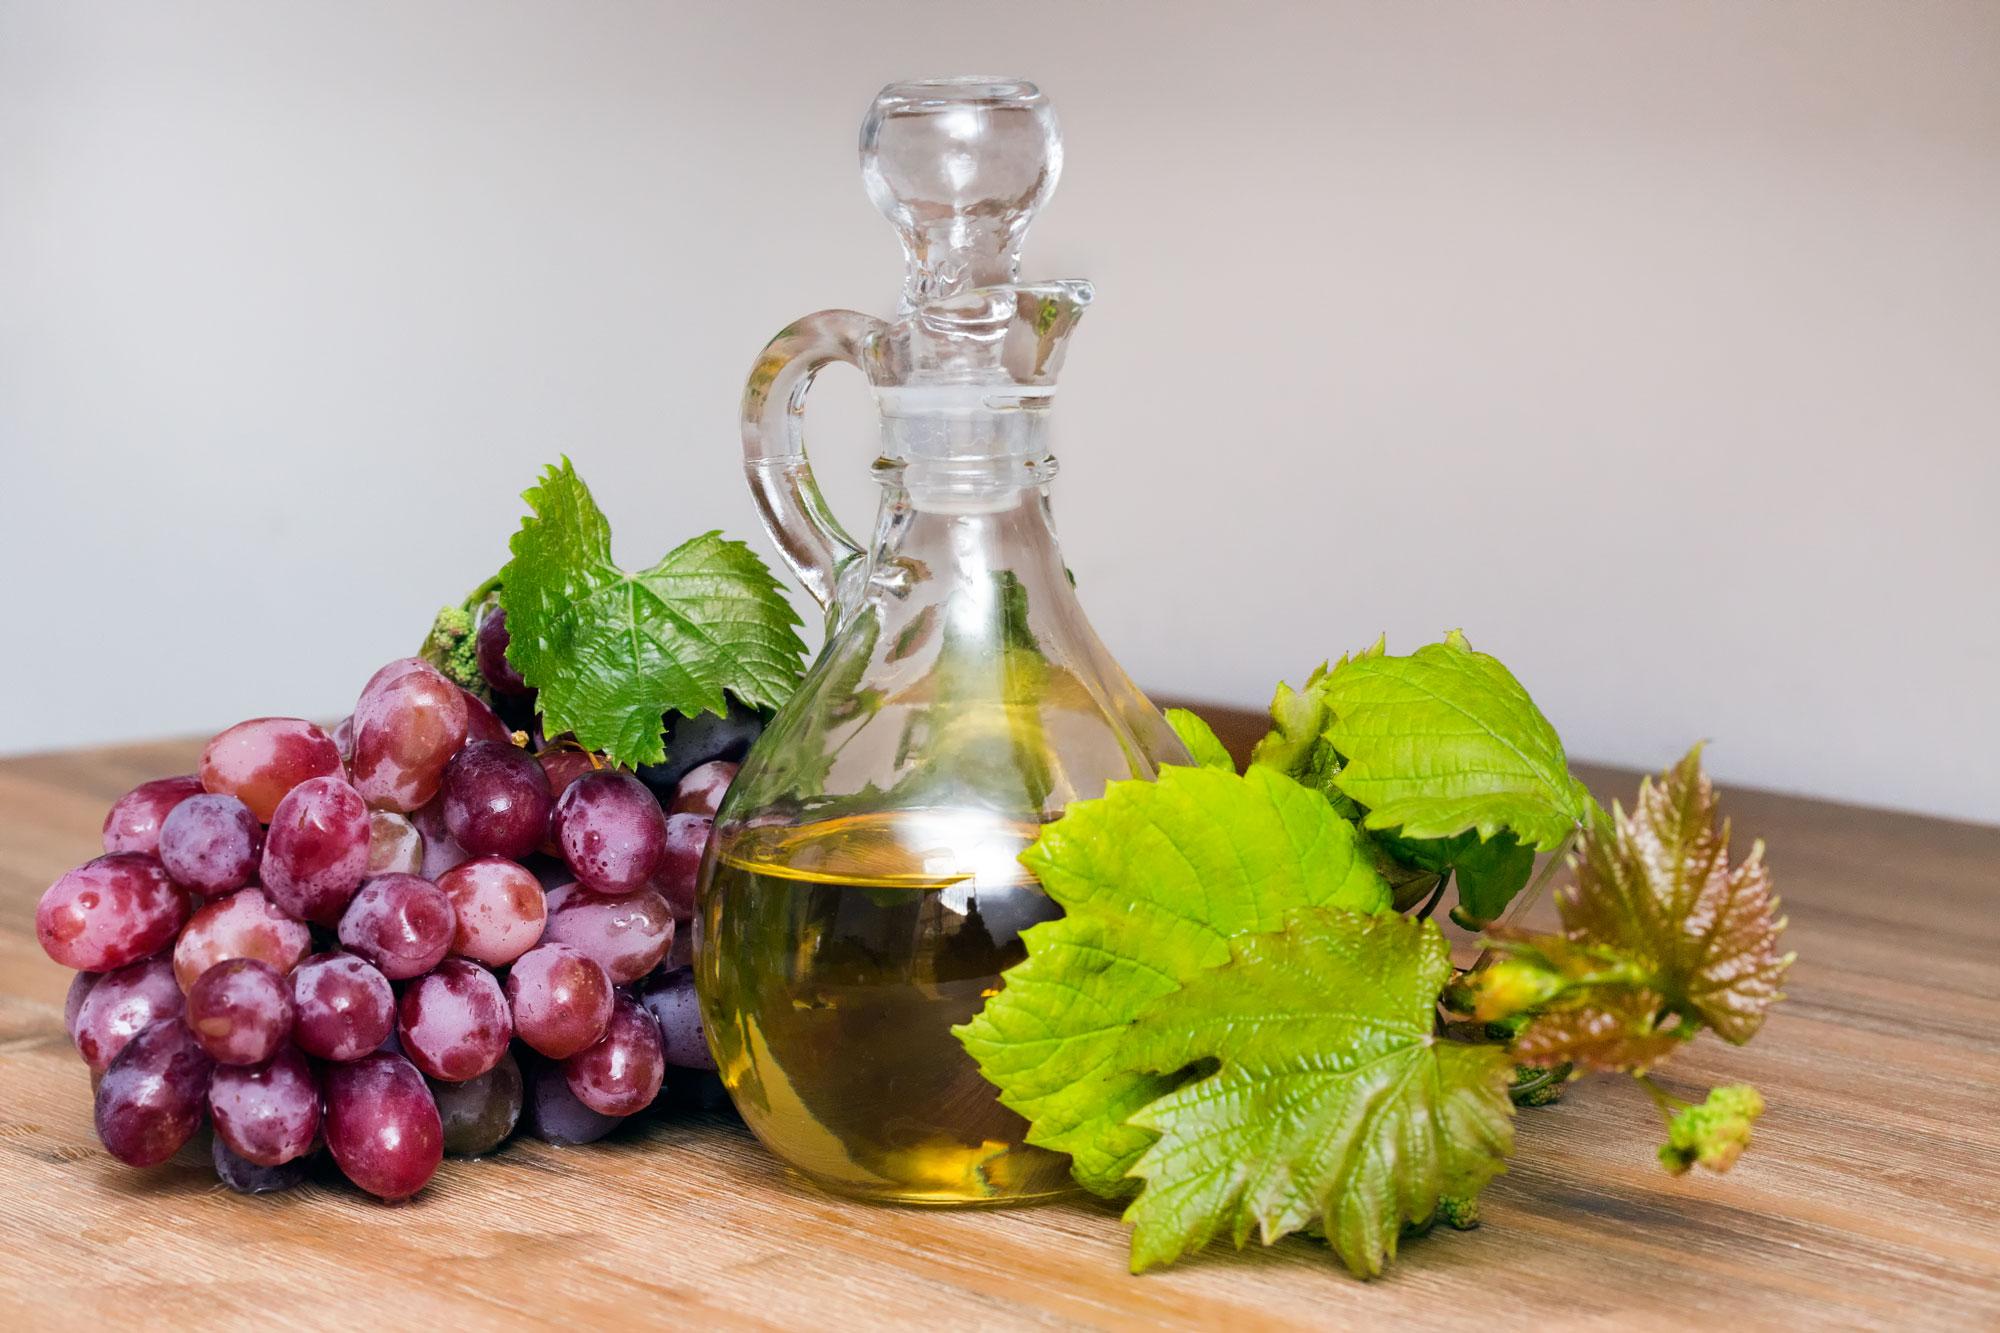 Масло виноградной косточки для лица: применение, свойства, чем полезно, отзывы косметологов, топ лучших натуральных косметических масел, рецепт масок